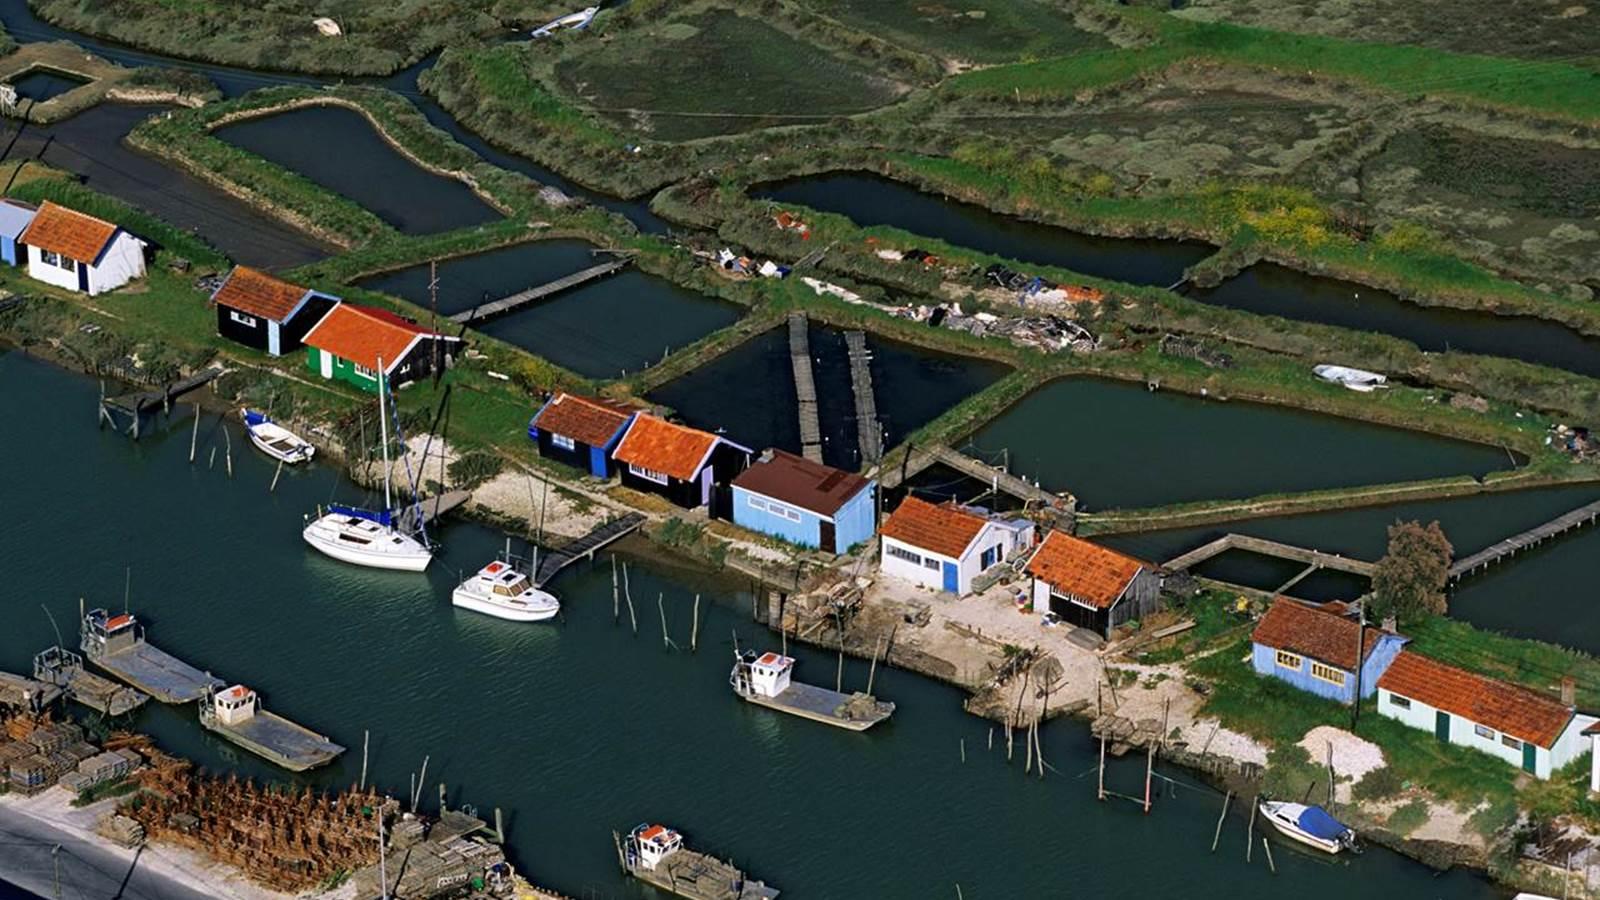 Le bassin de Marennes-Oléron, les marais, la place forte de Brouage...